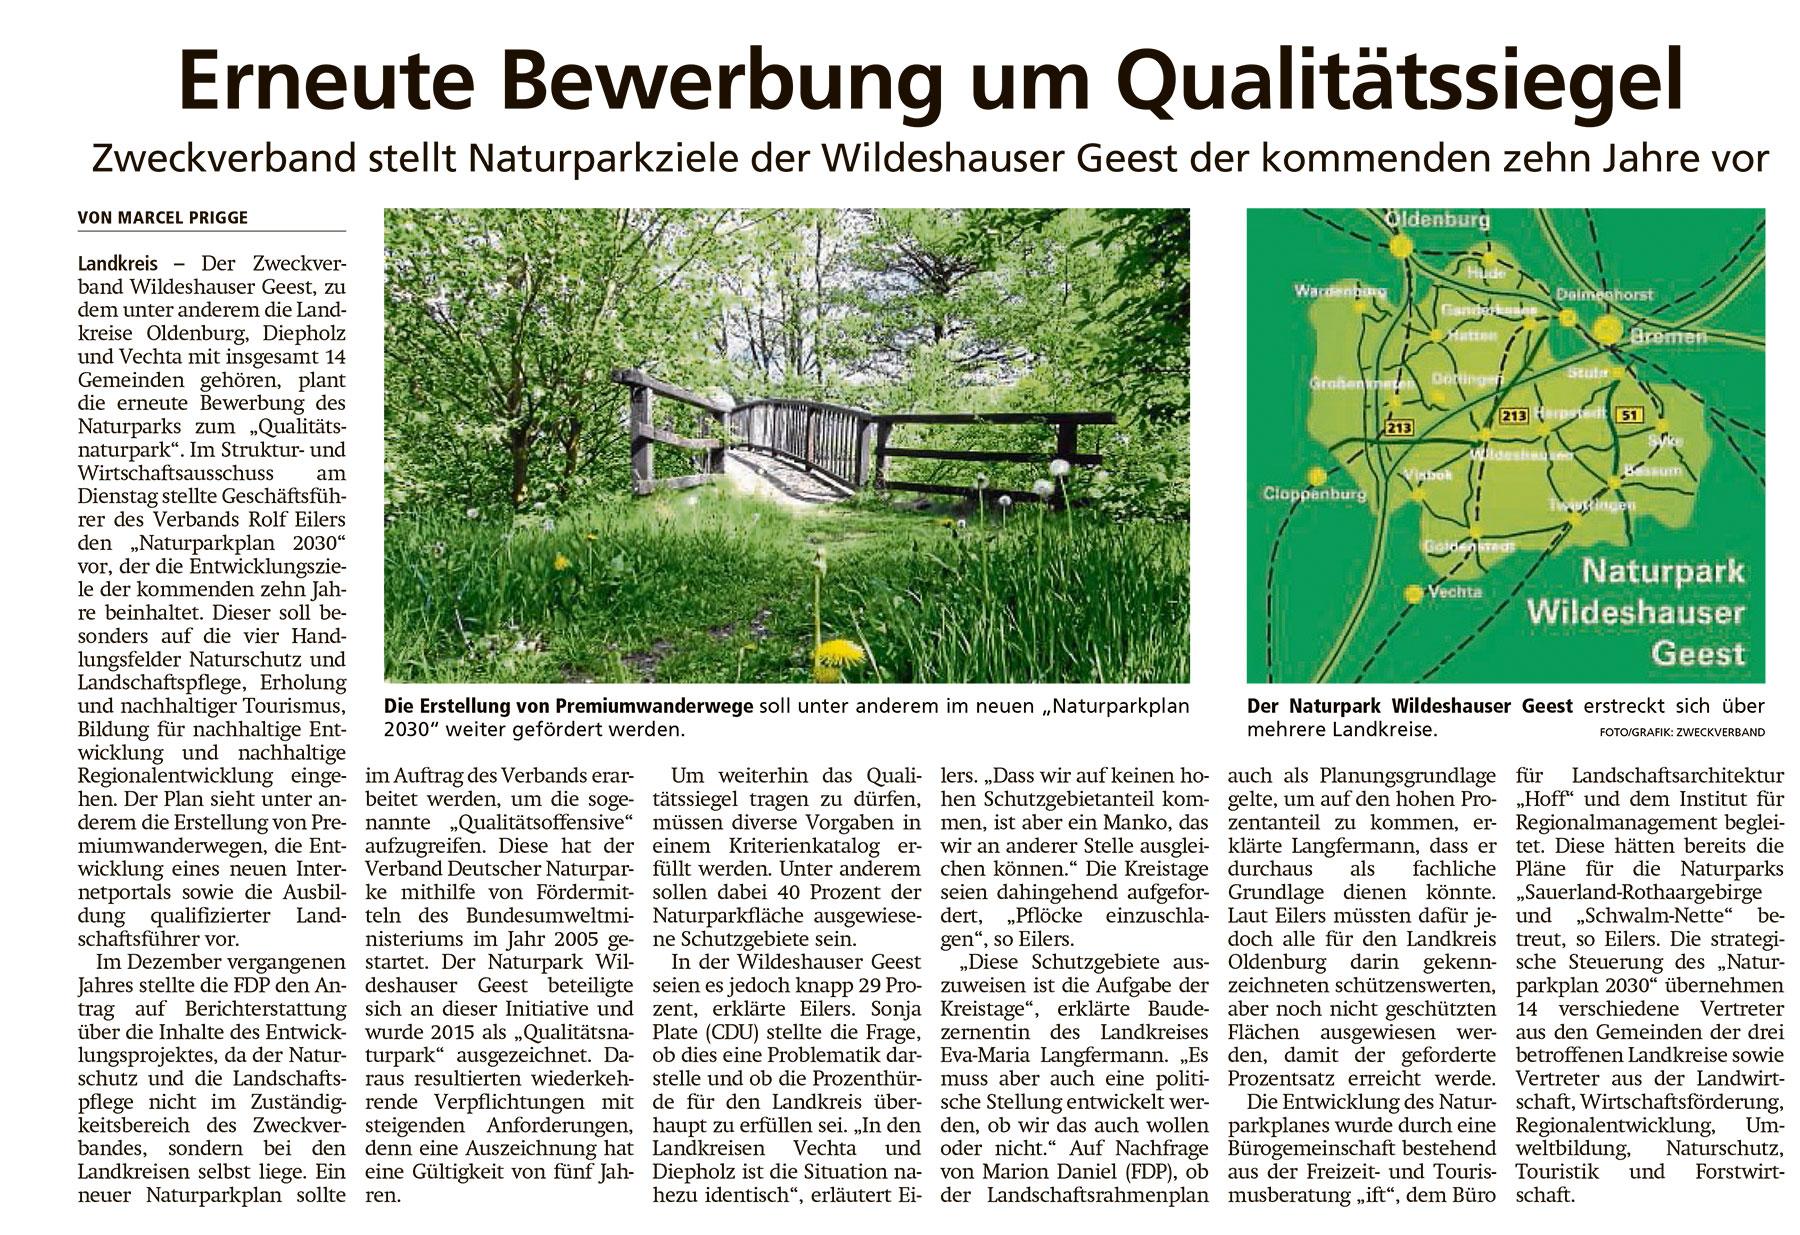 Erneute Bewerbung um QualitätssiegelZweckverband stellt Naturparkziele der Wildeshauser Geest der kommenden zehn Jahre vorArtikel vom 23.04.2021 (WZ)